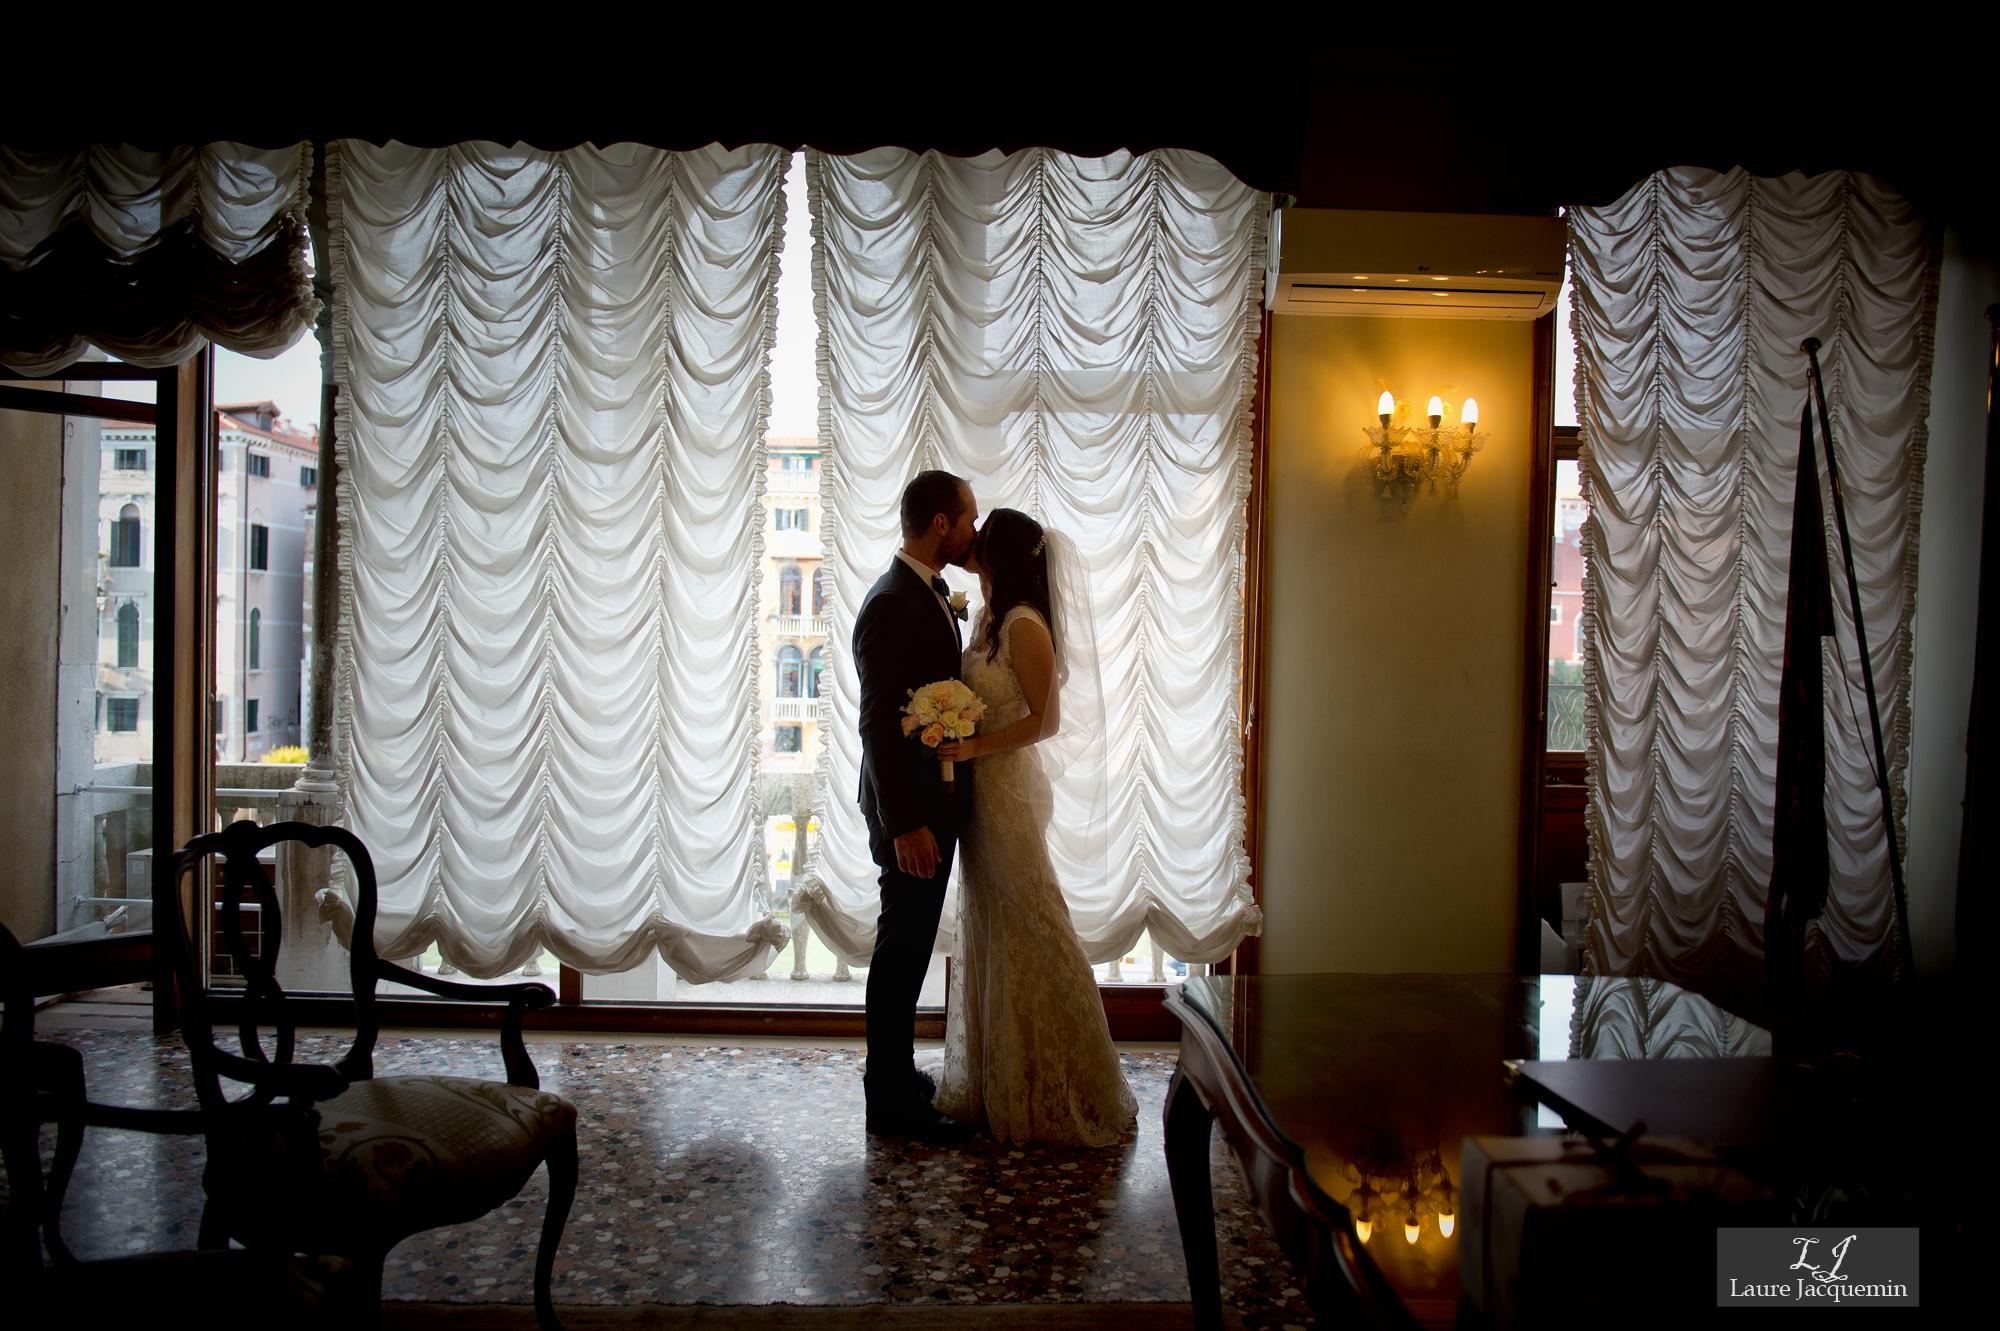 photographe mariage laure jacquemin palazzo cavalli service photographique (47)